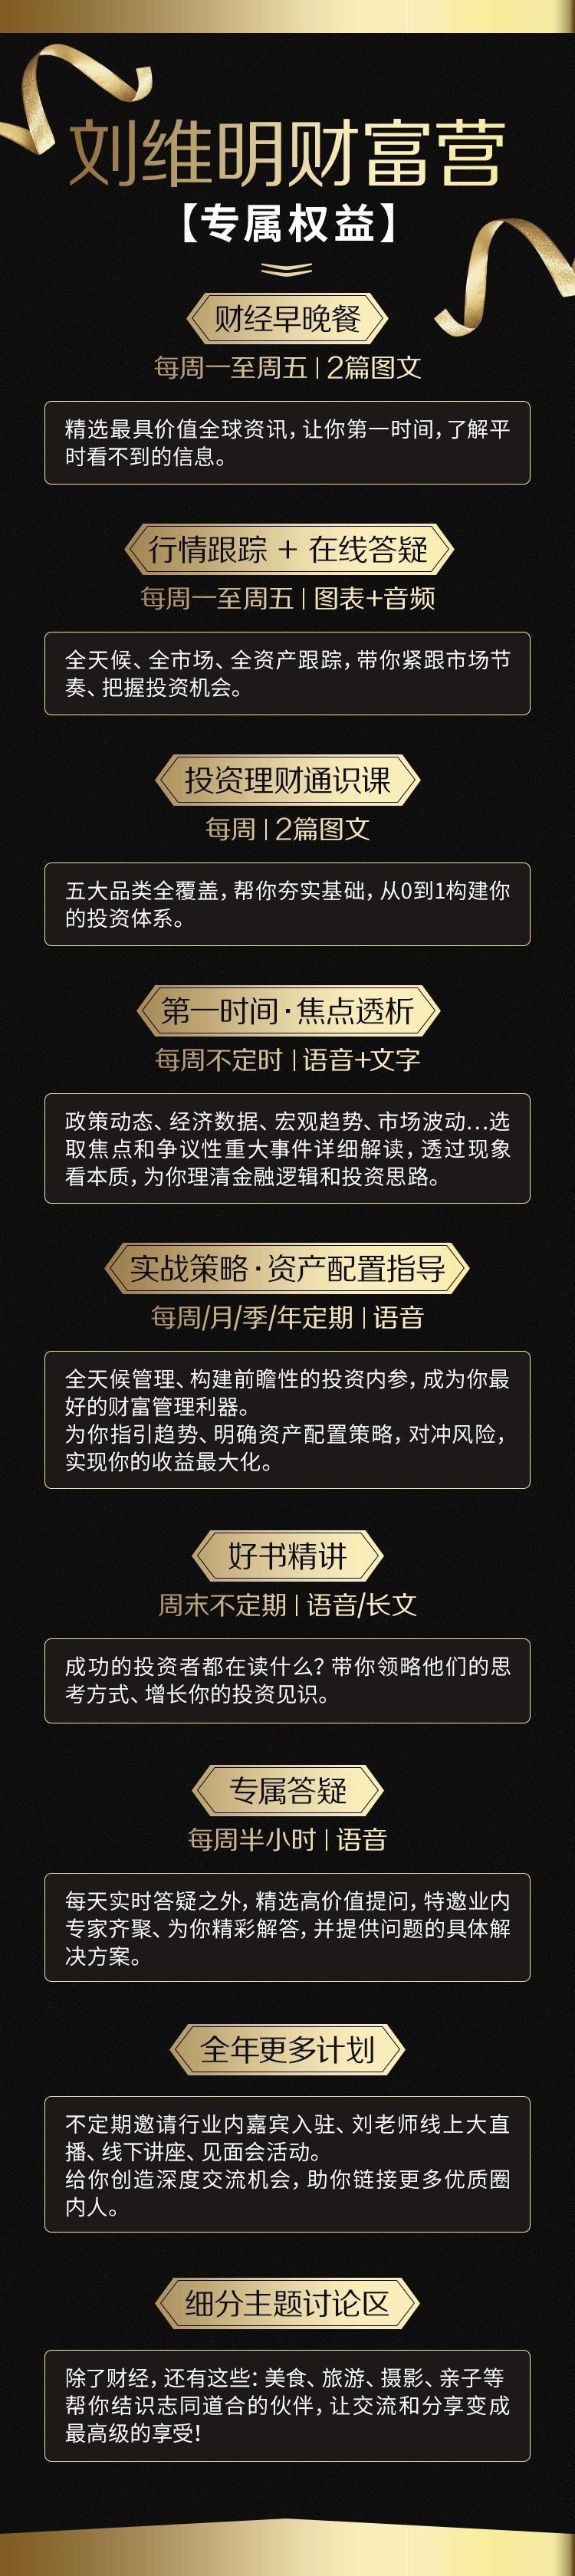 怎样优惠购买刘维明的财富营课程